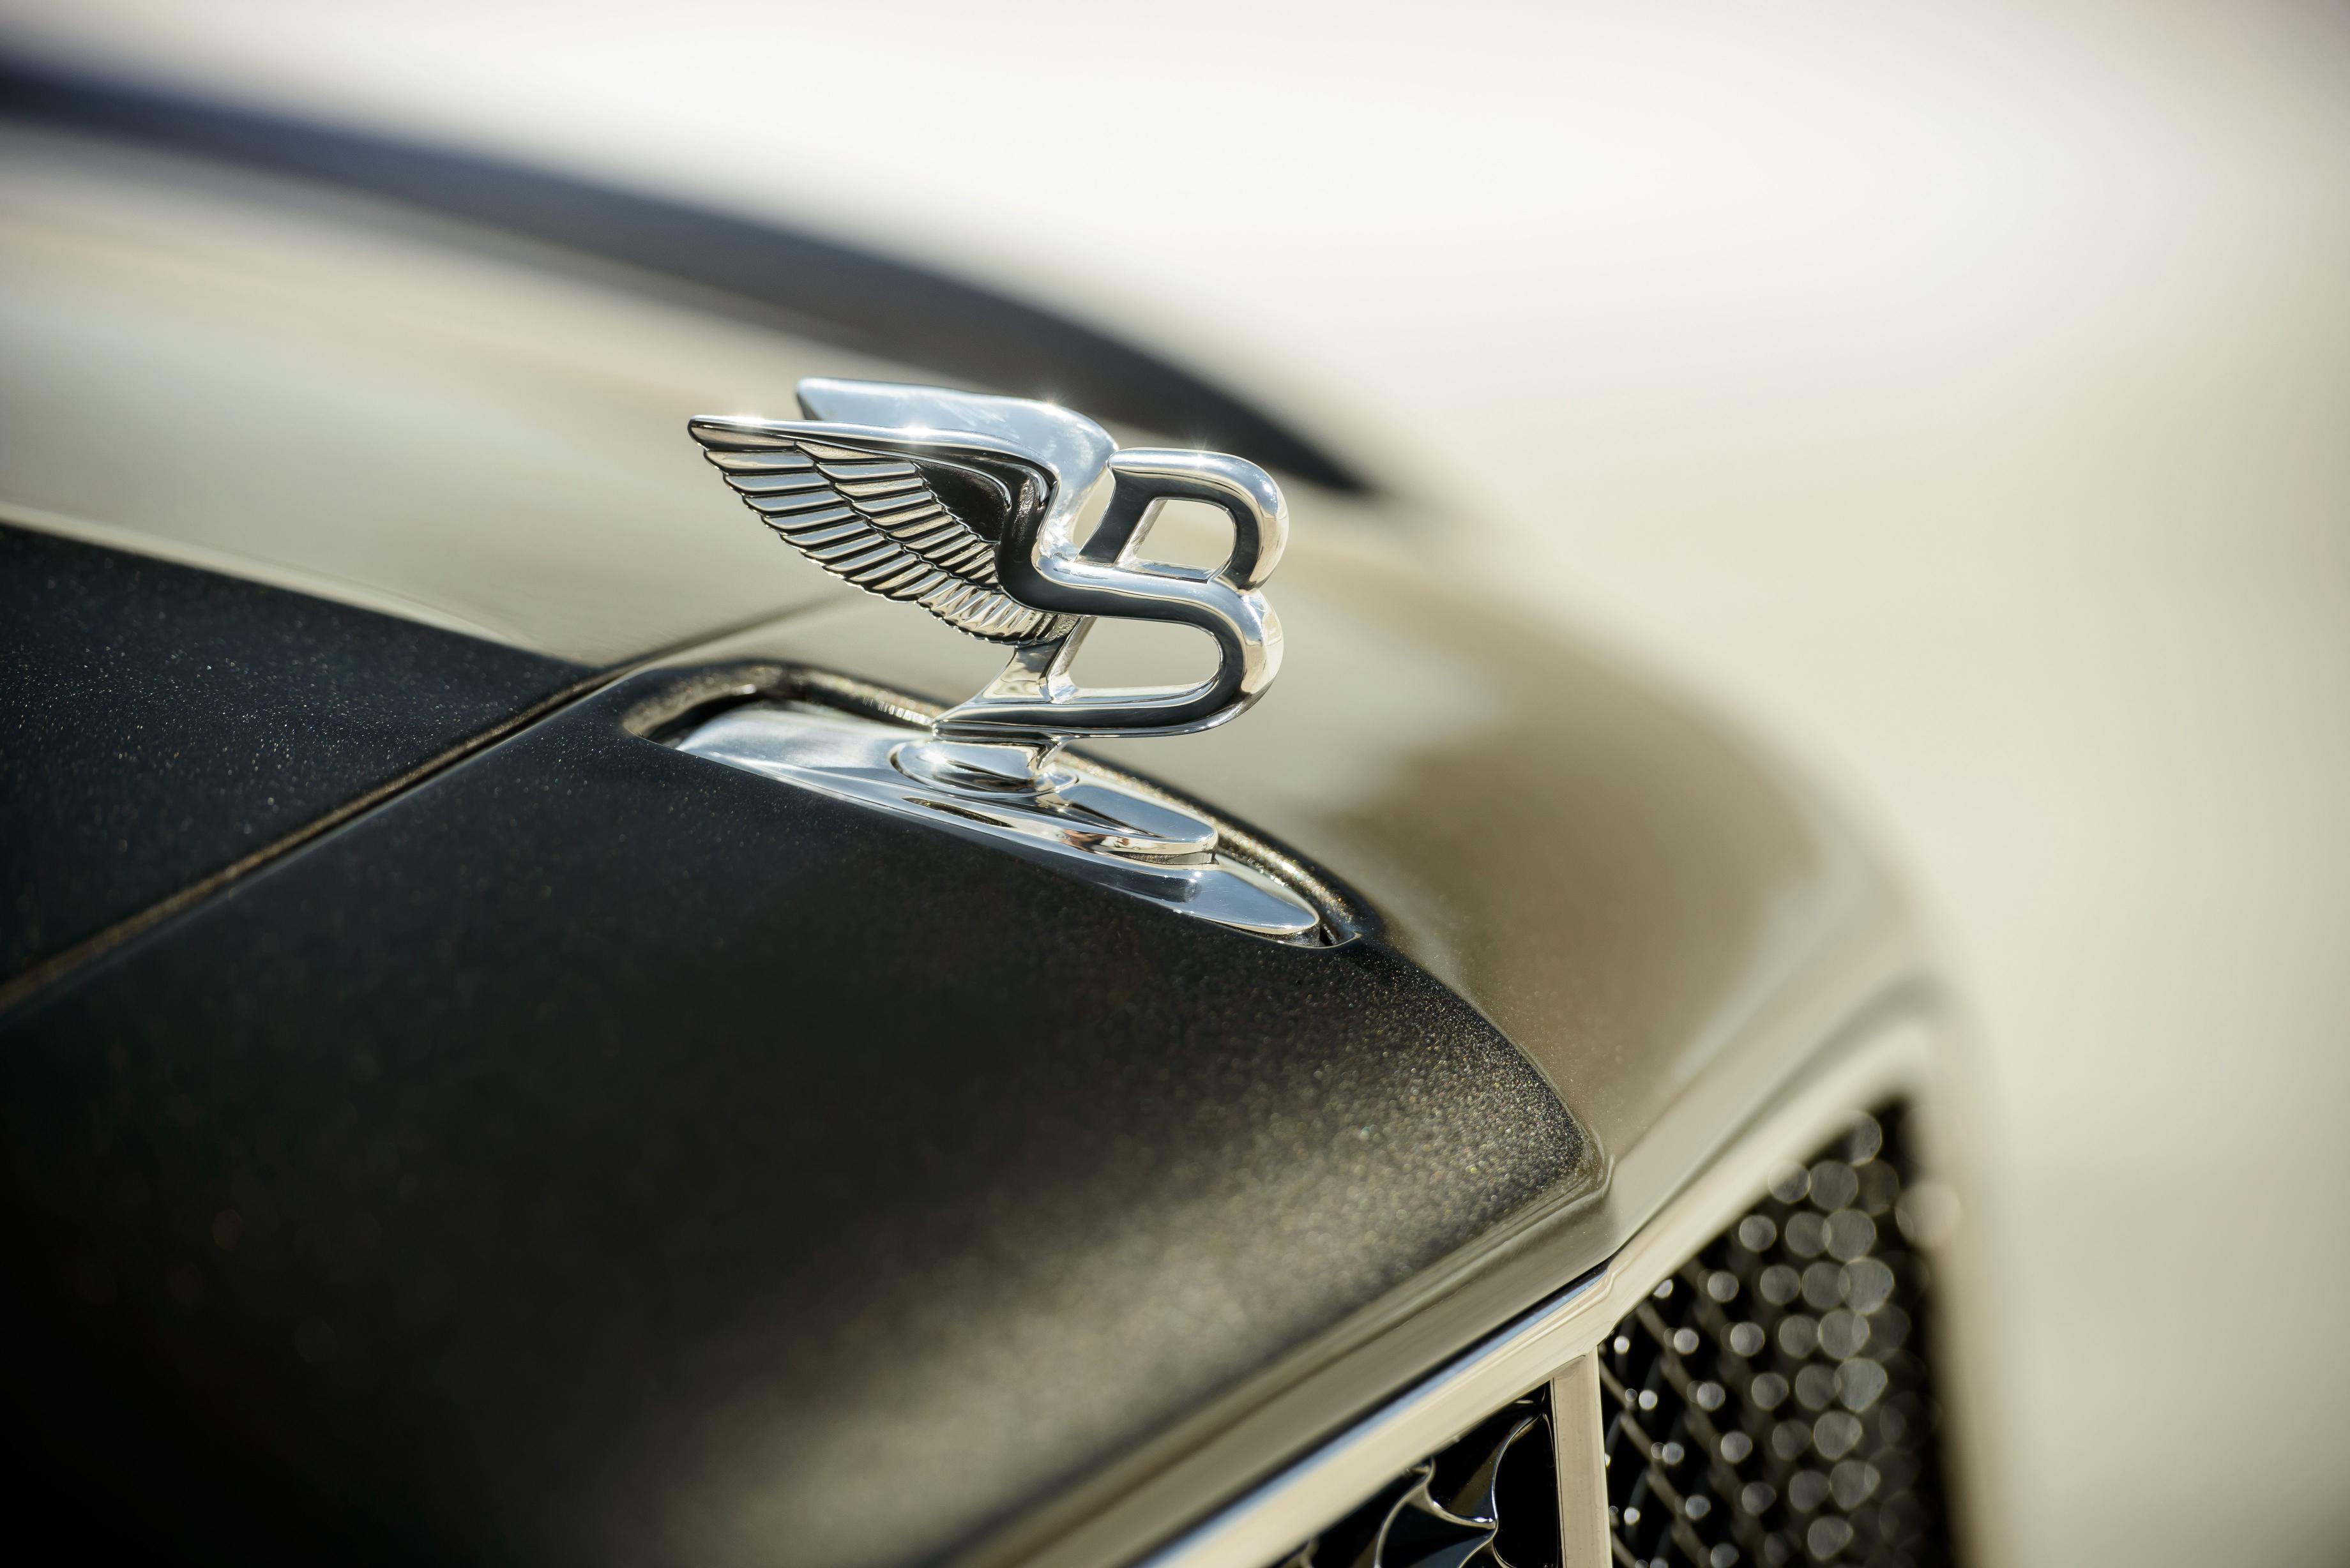 Значок на капоте Bentley Mulsanne Speed 2015 года